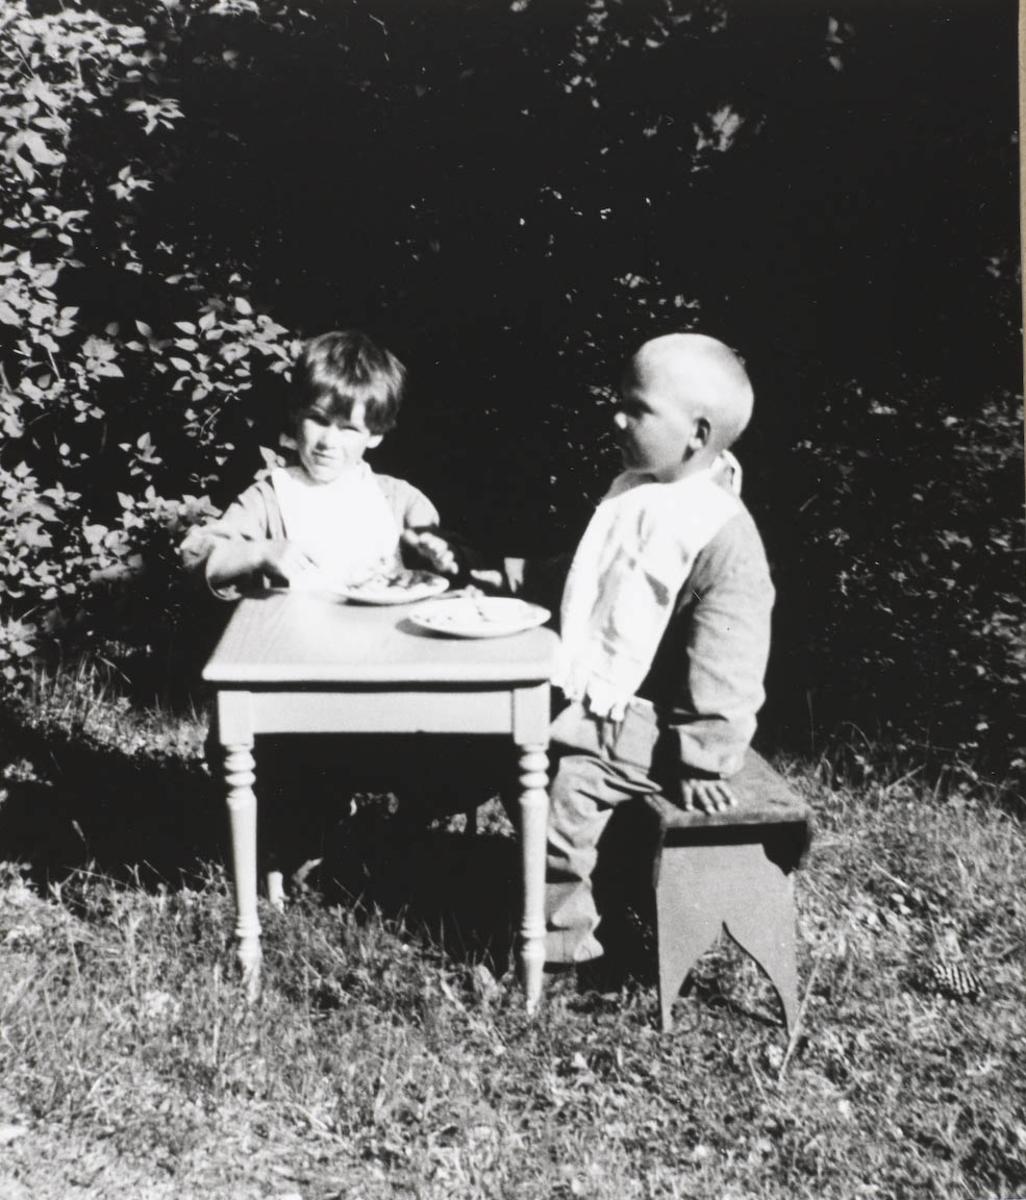 To små gutter, lite bord,krakk, tallerken,skog